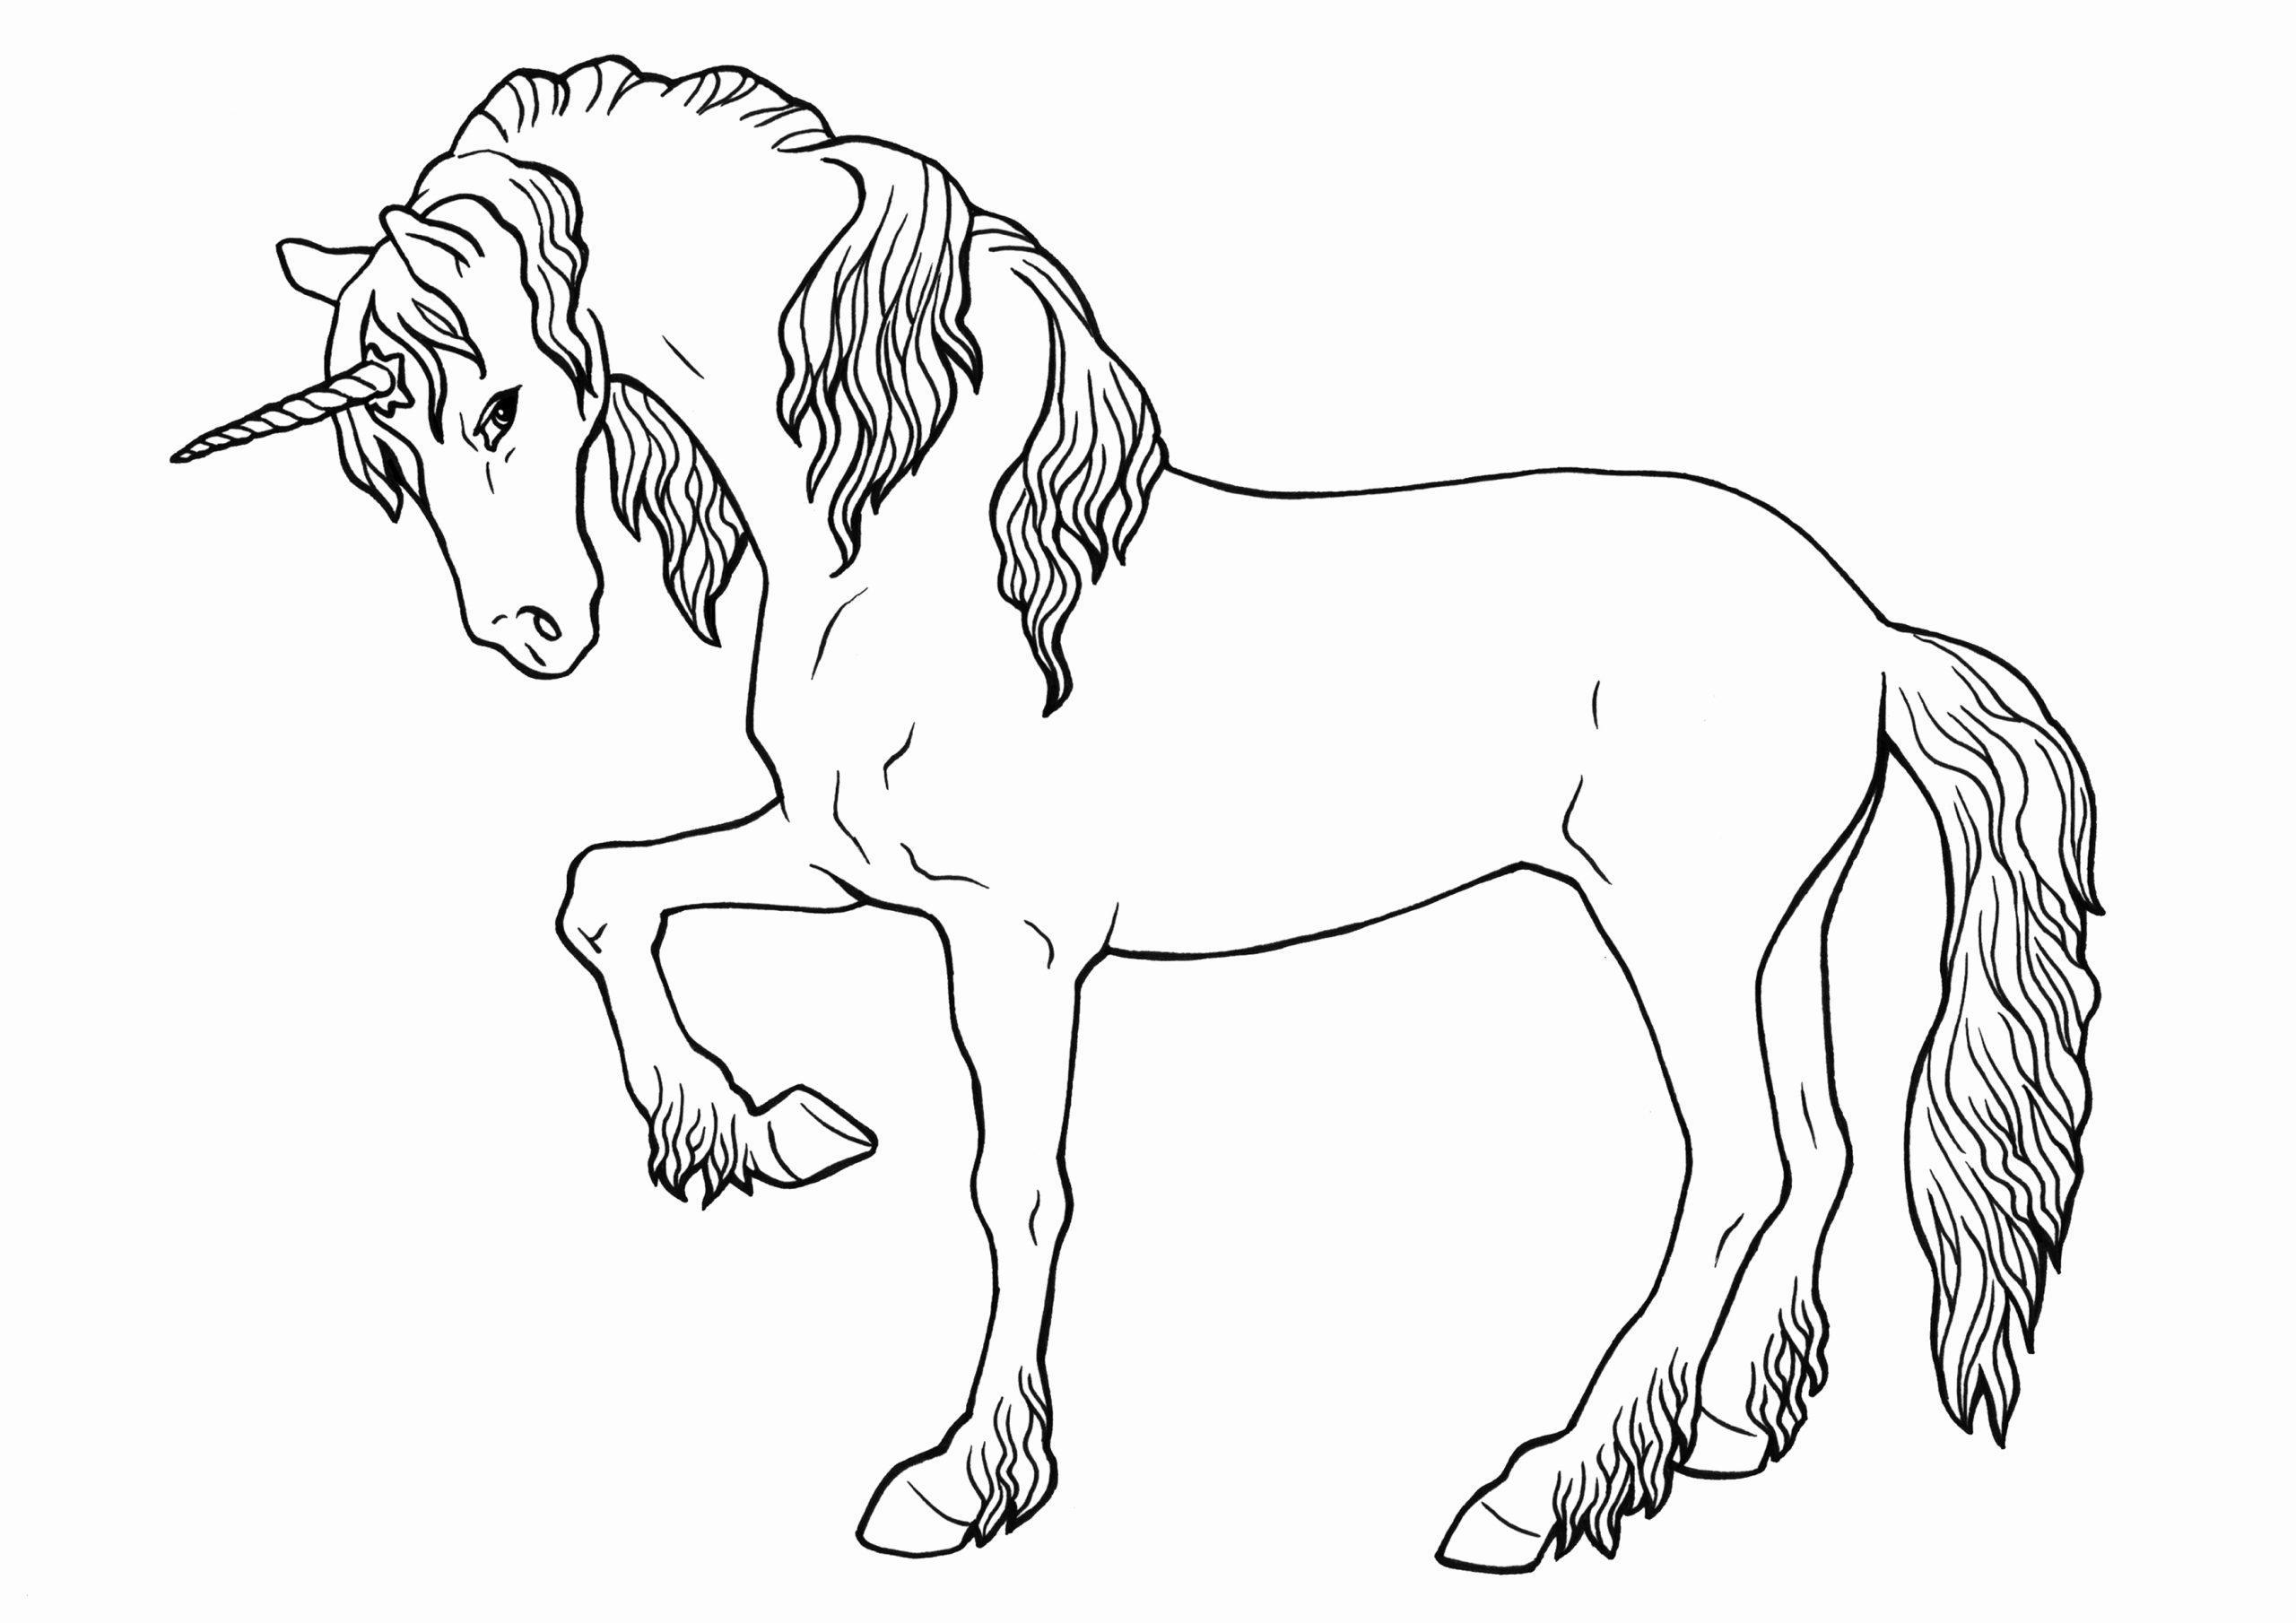 Pferde Zum Ausdrucken Luxus 44 Frisch Bilder Pferdebilder in Pferdebilder Zum Ausdrucken Gratis